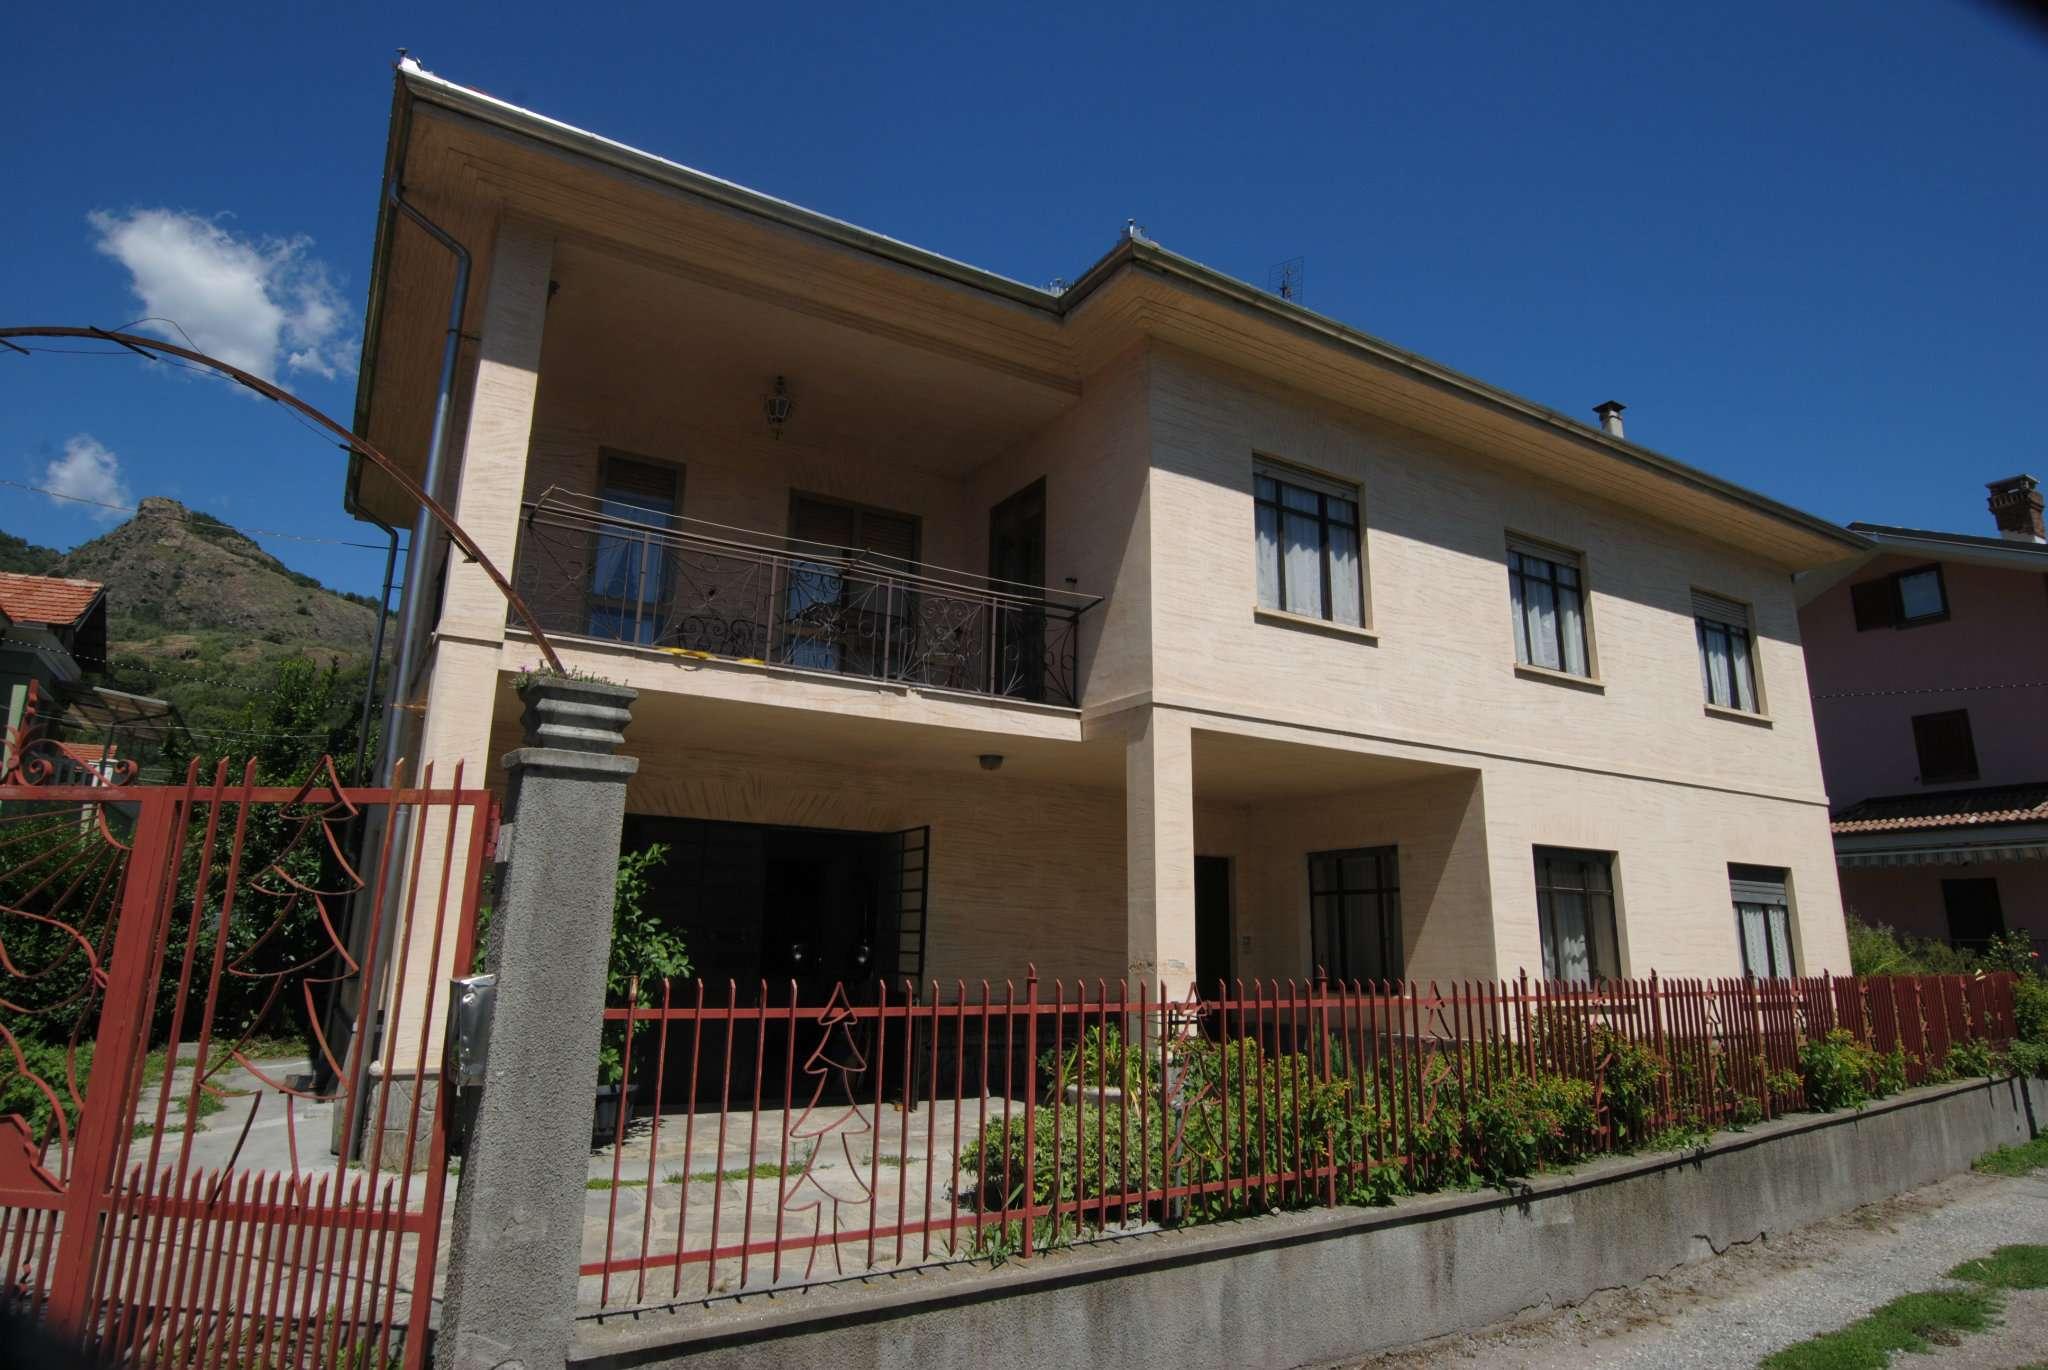 Soluzione Indipendente in vendita a Condove, 7 locali, prezzo € 200.000 | CambioCasa.it